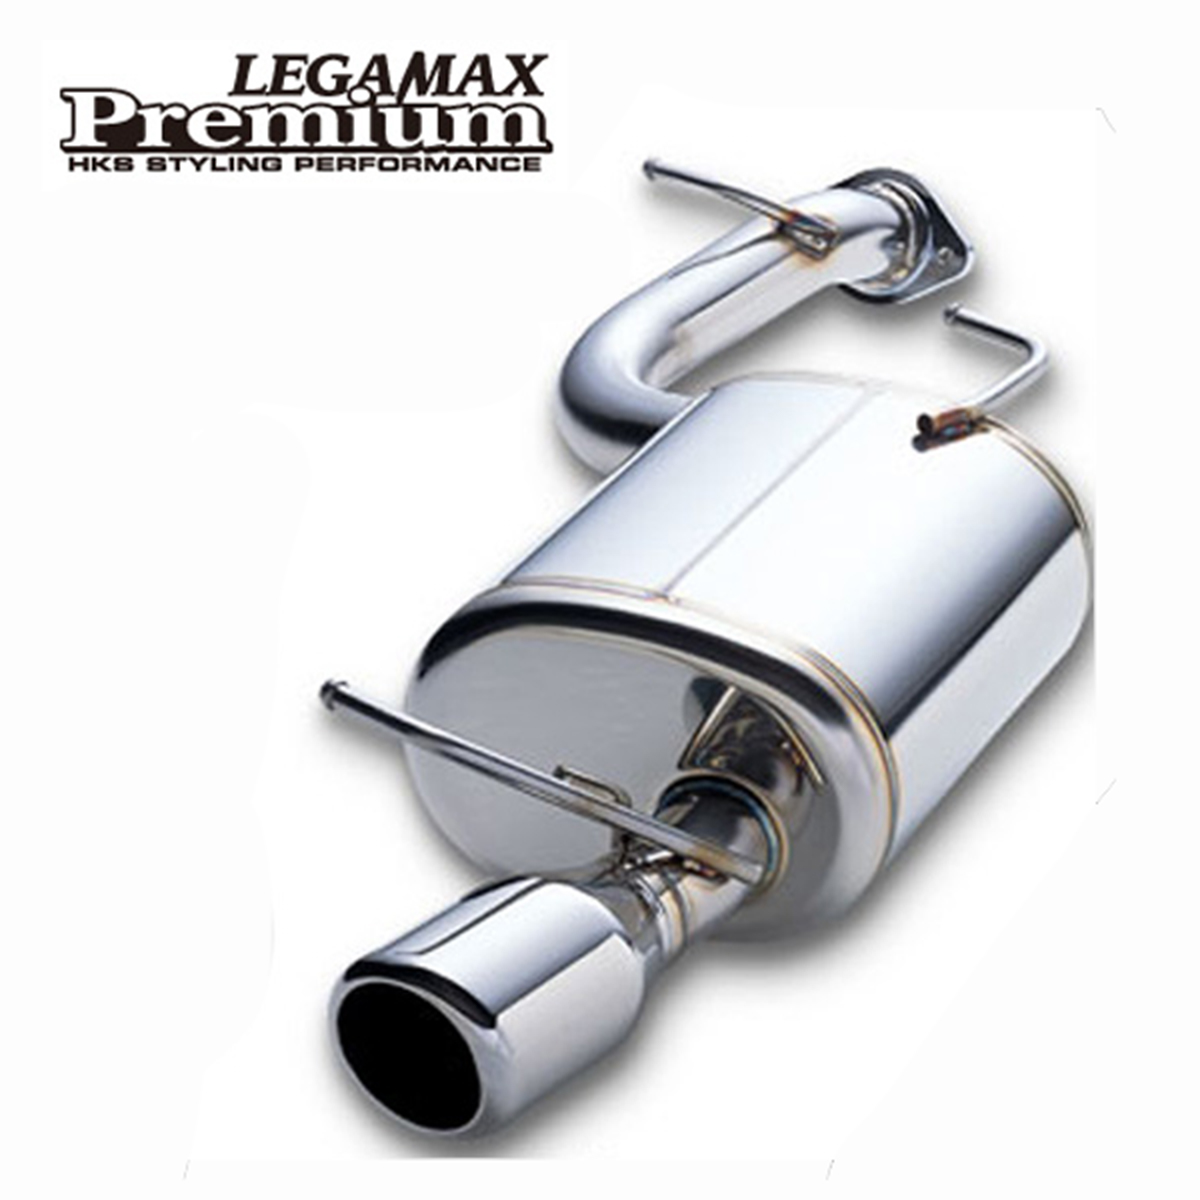 ステップワゴン マフラー DBA-RK1 HKS 32018-AH027 リーガマックスプレミアム 配送先条件有り